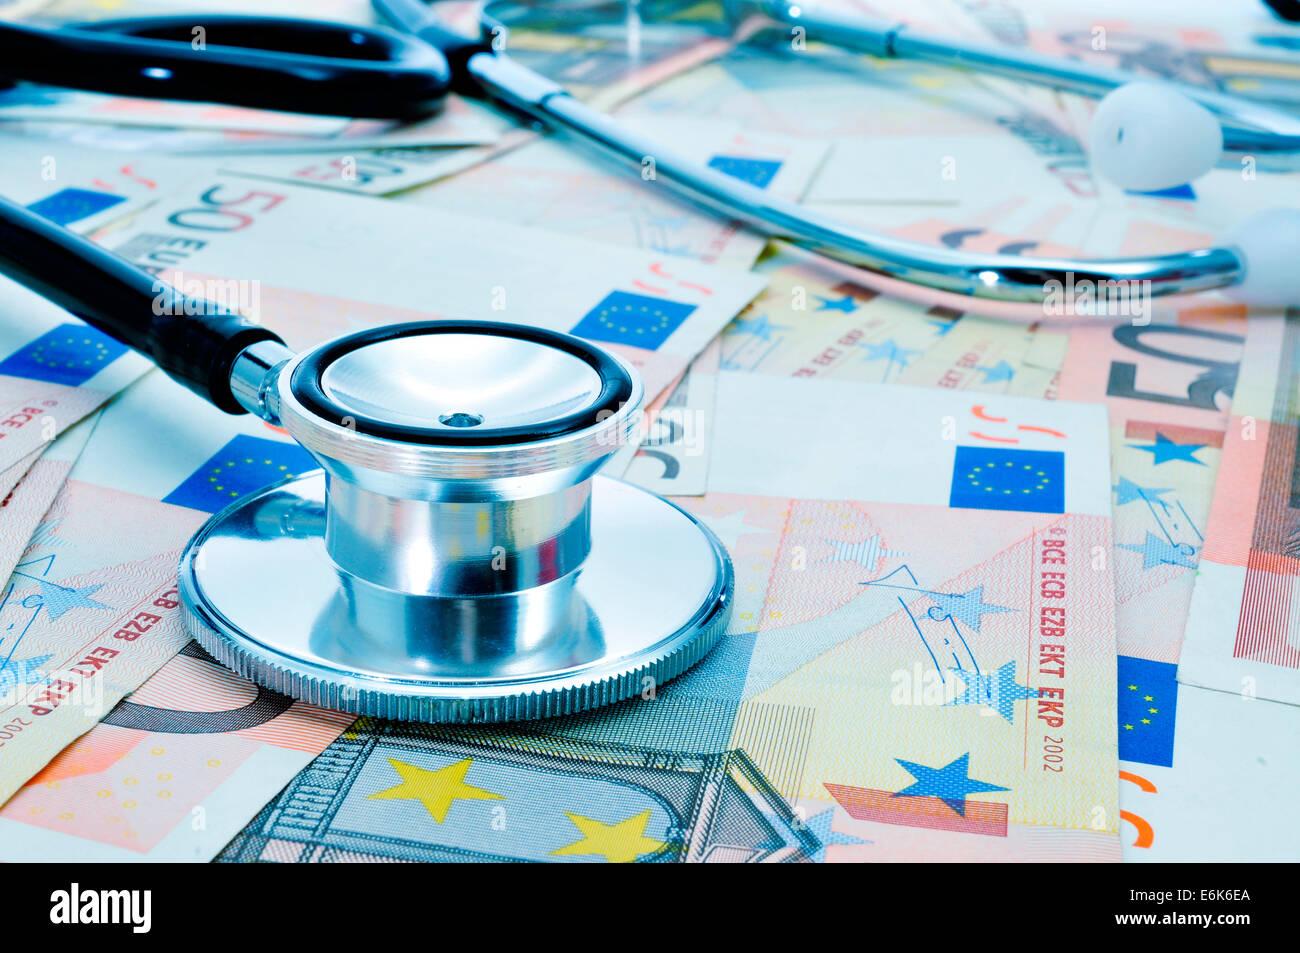 Un estetoscopio sobre un montón de billetes en euros, representando la industria de la salud concepto Imagen De Stock